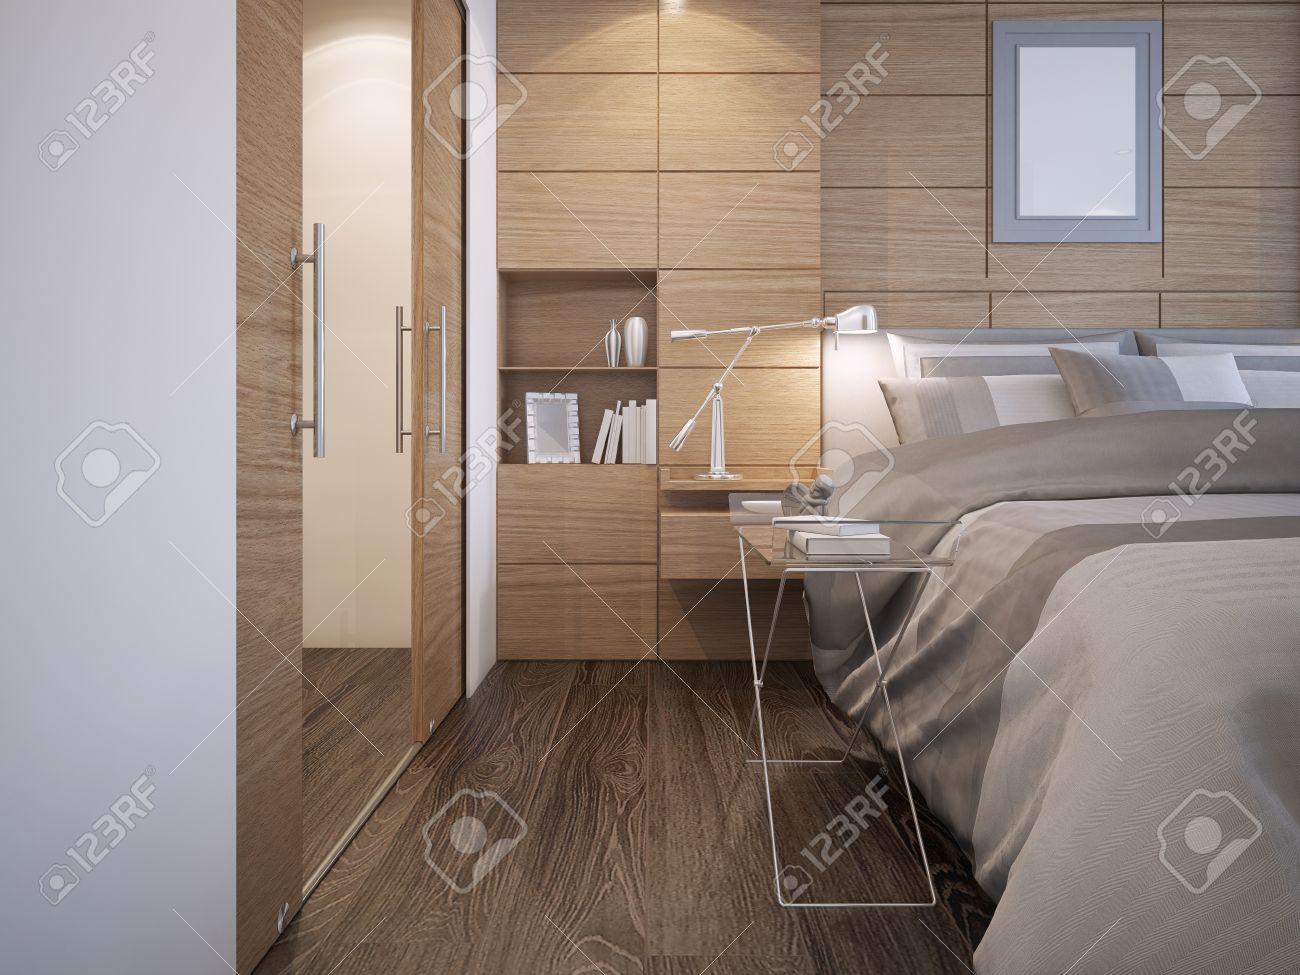 disegno bella camera da letto. legno decorazione della parete